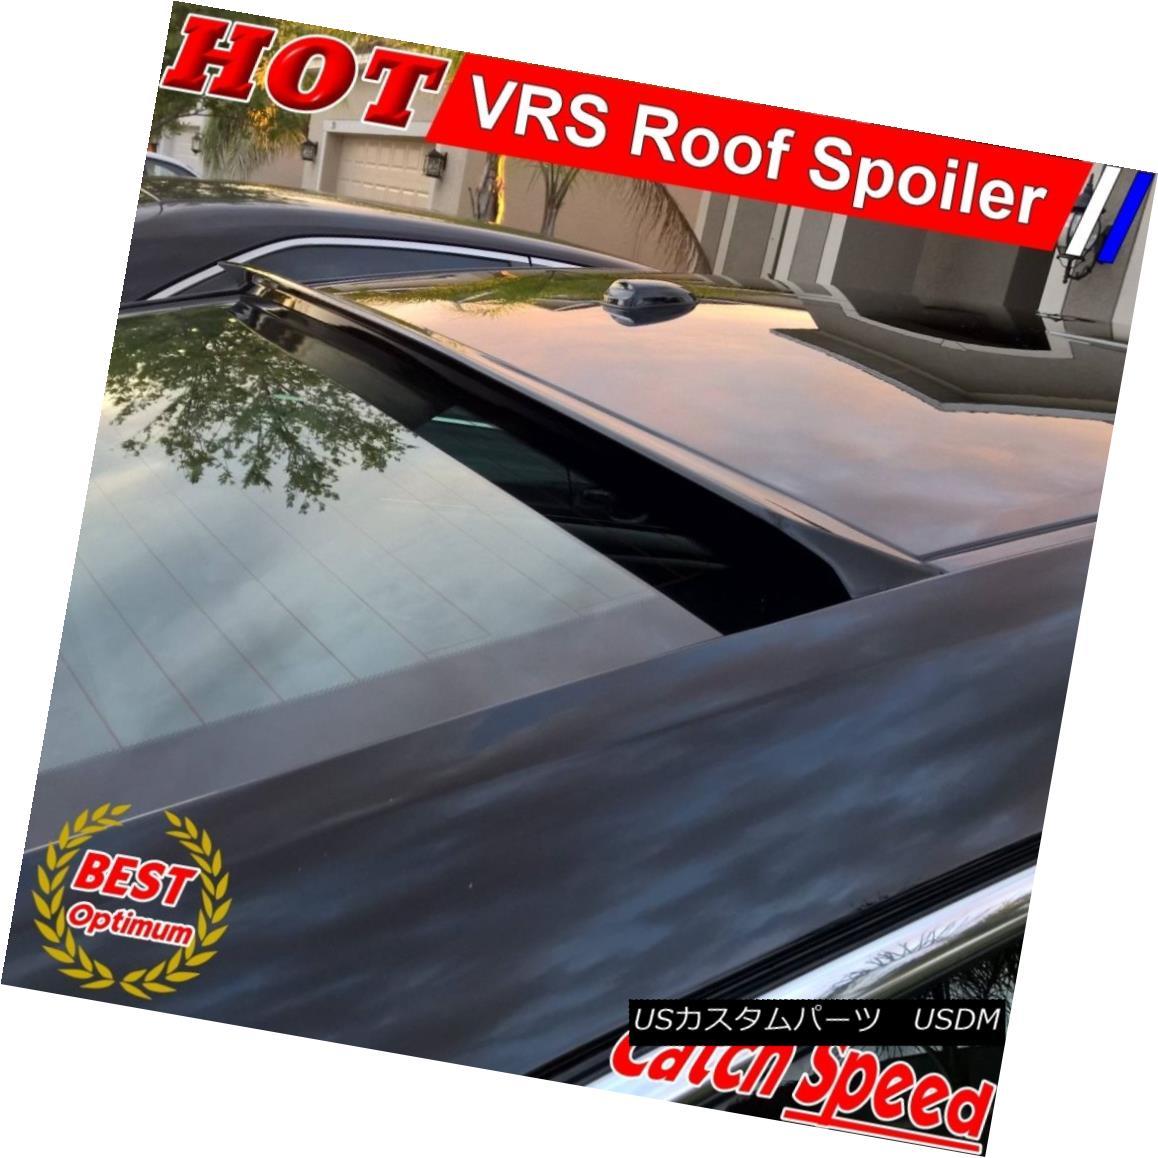 エアロパーツ Painted VRS Rear Roof Spoiler Wing For Hyundai Sonata NF 2006-2010 Sedan 現代ソナタNF 2006-2010セダン用VRSリアルーフスポイラーウイング塗装済み